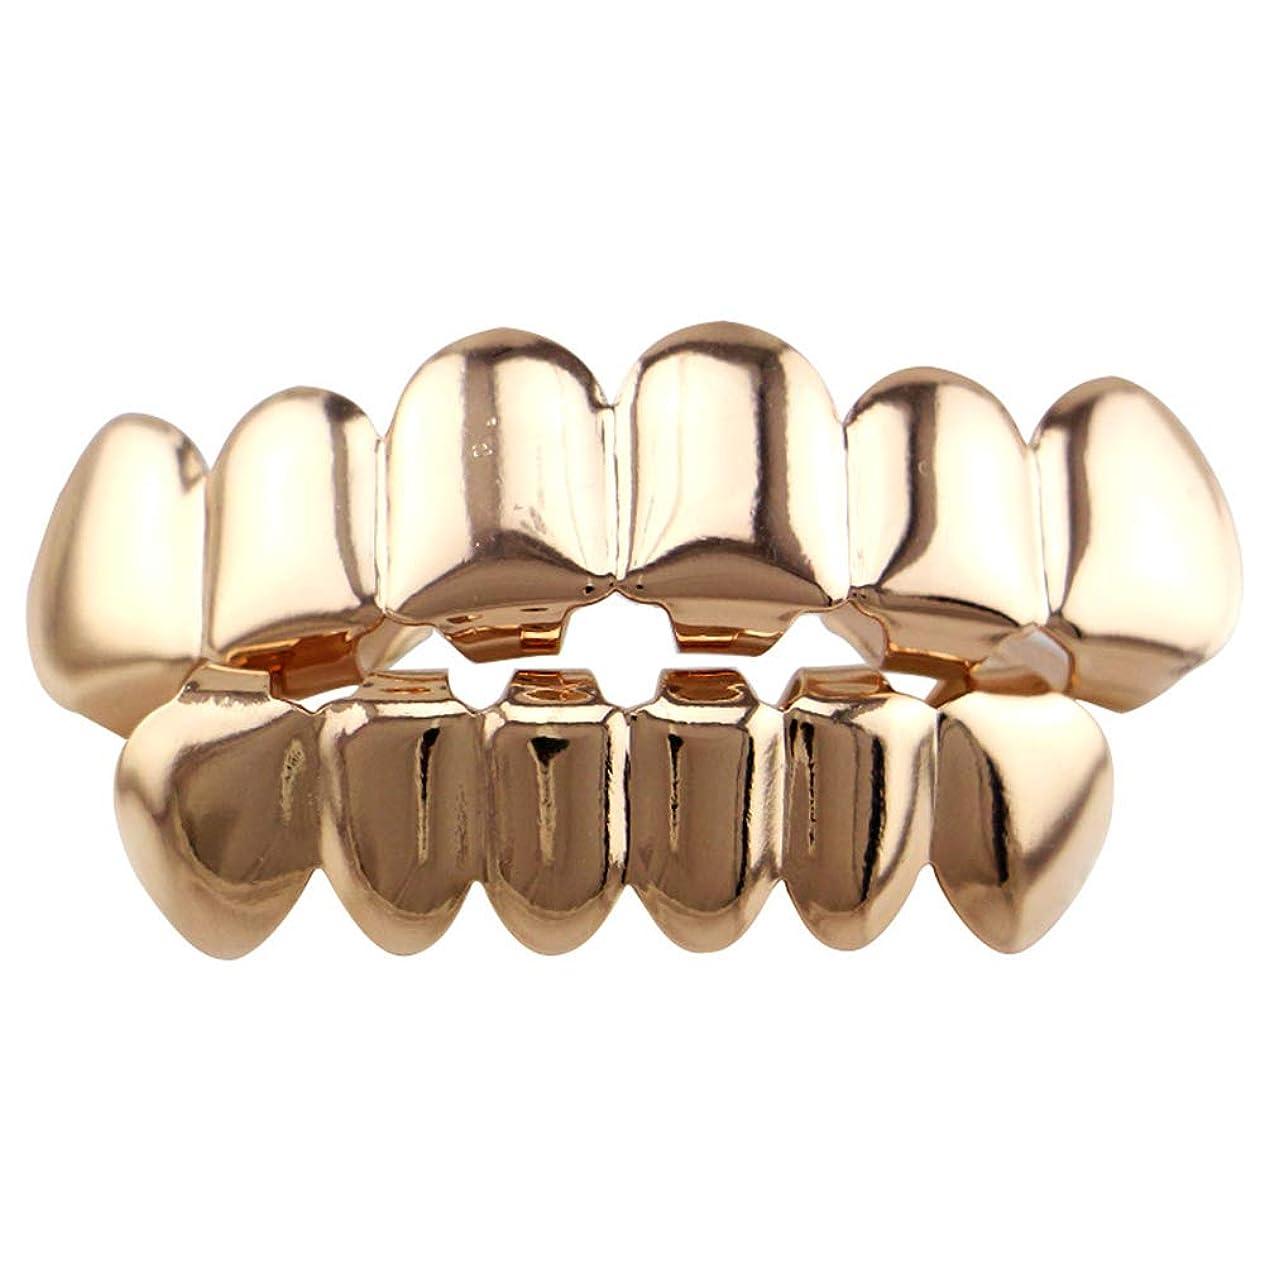 クローンブラウズ教育者YHDD 光沢のあるヒップホップ歯のグリルキャップトップ&ボトムグリルは、Holleweenギフトのセット (色 : ローズゴールド)